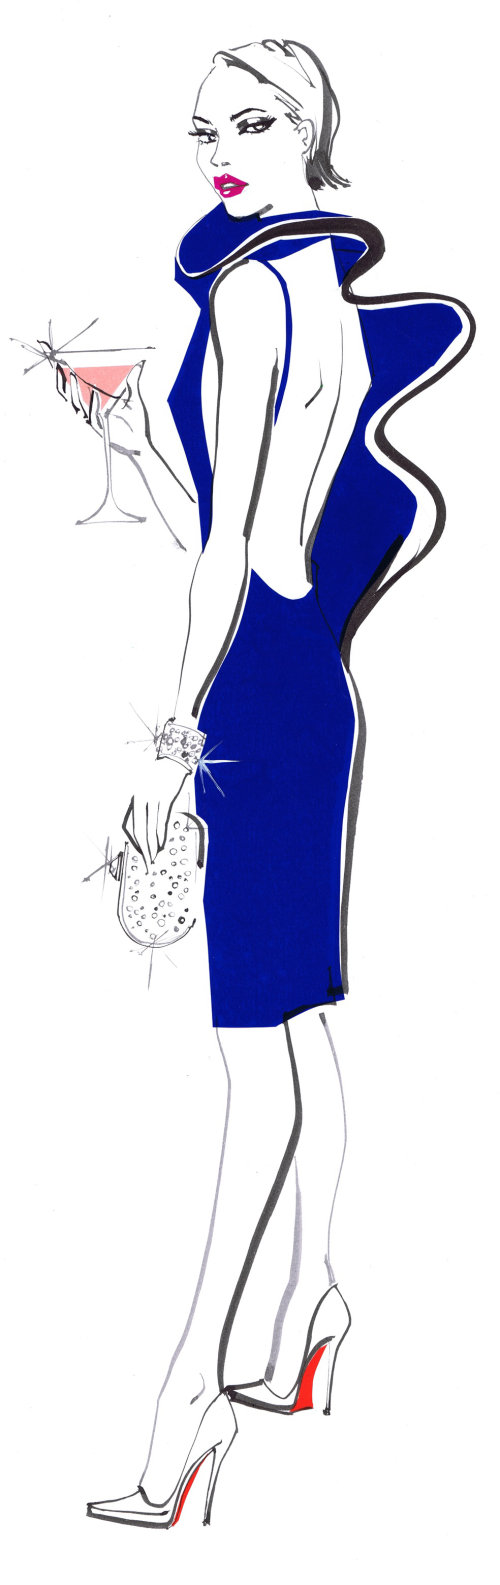 Mannequin Lady tenant un verre - Une illustration de Jacqueline Bissett